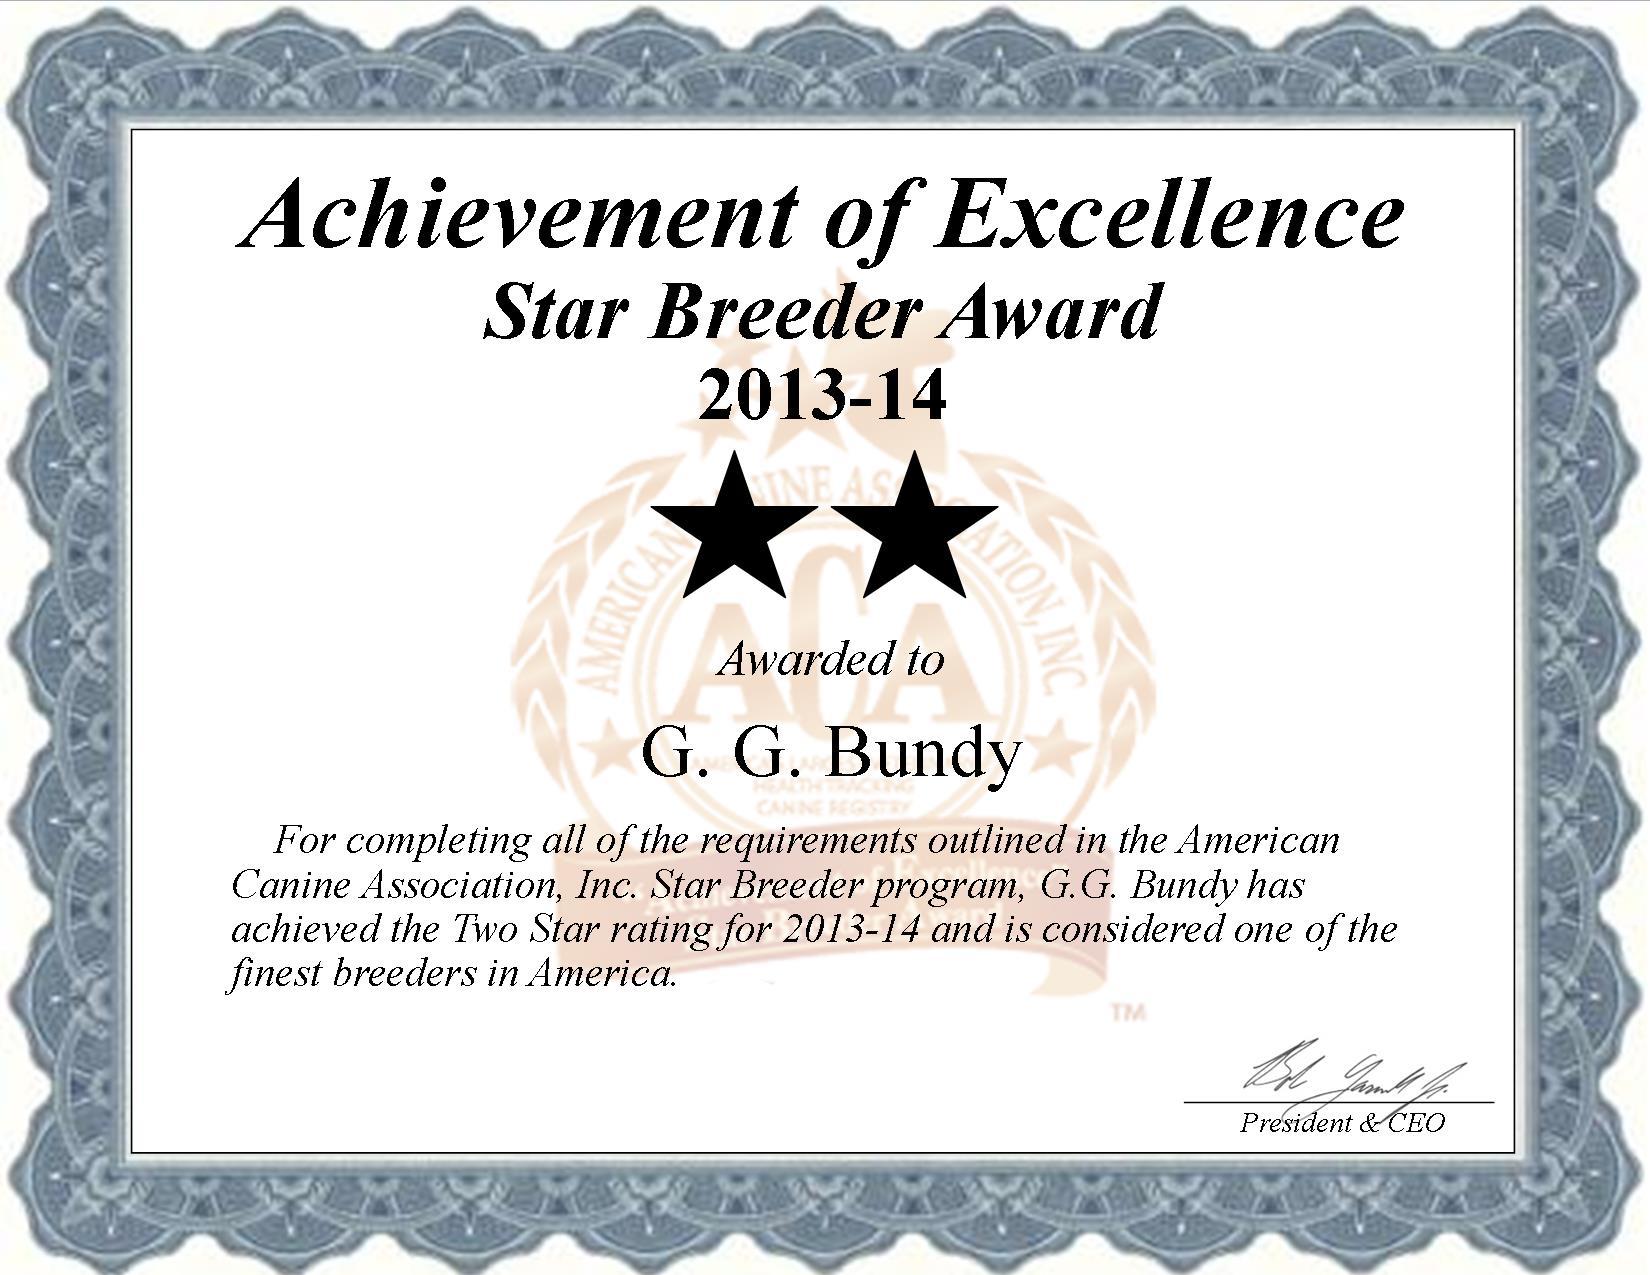 GG, Bundy, GG Bundy, Bundy Kennel, breeder, star breeder, aca, star breeder, 2 star, shell knob, shellknob, Missouri, MO, dog, puppy, puppies